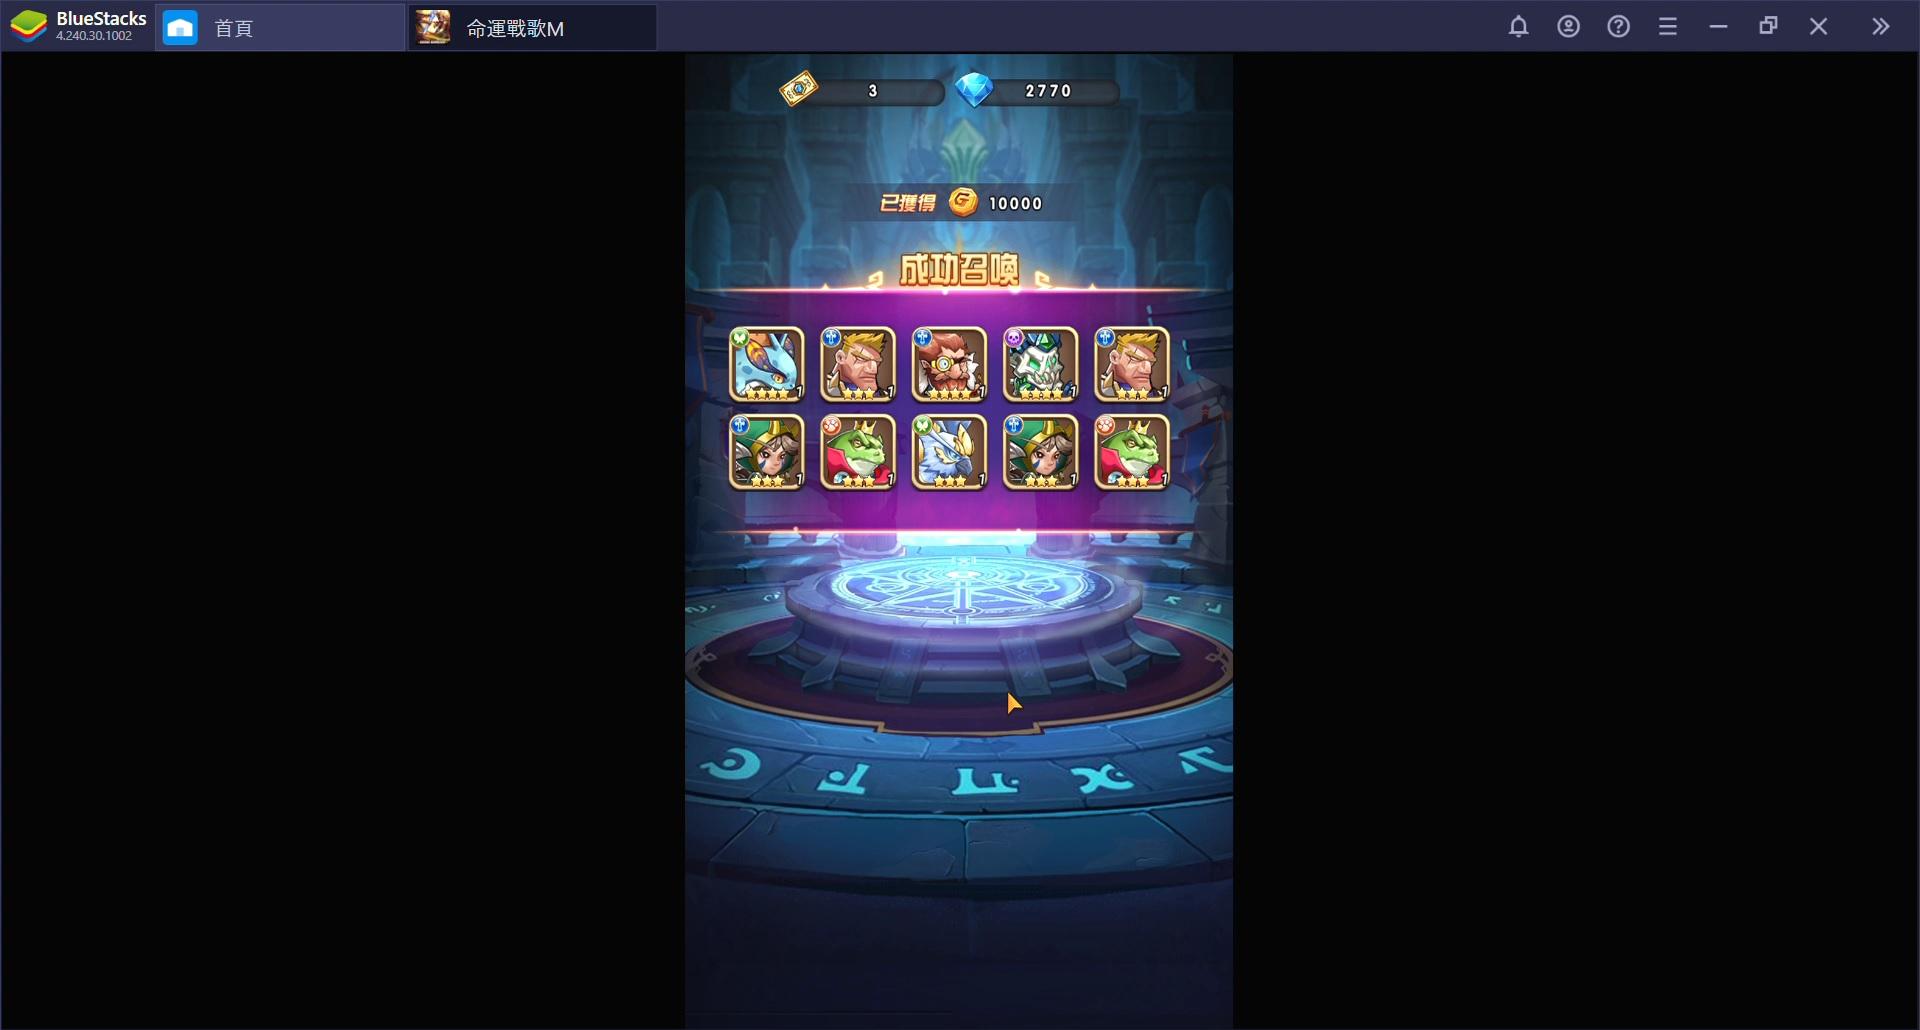 《命運戰歌M》:如何獲得英雄以及強化英雄?